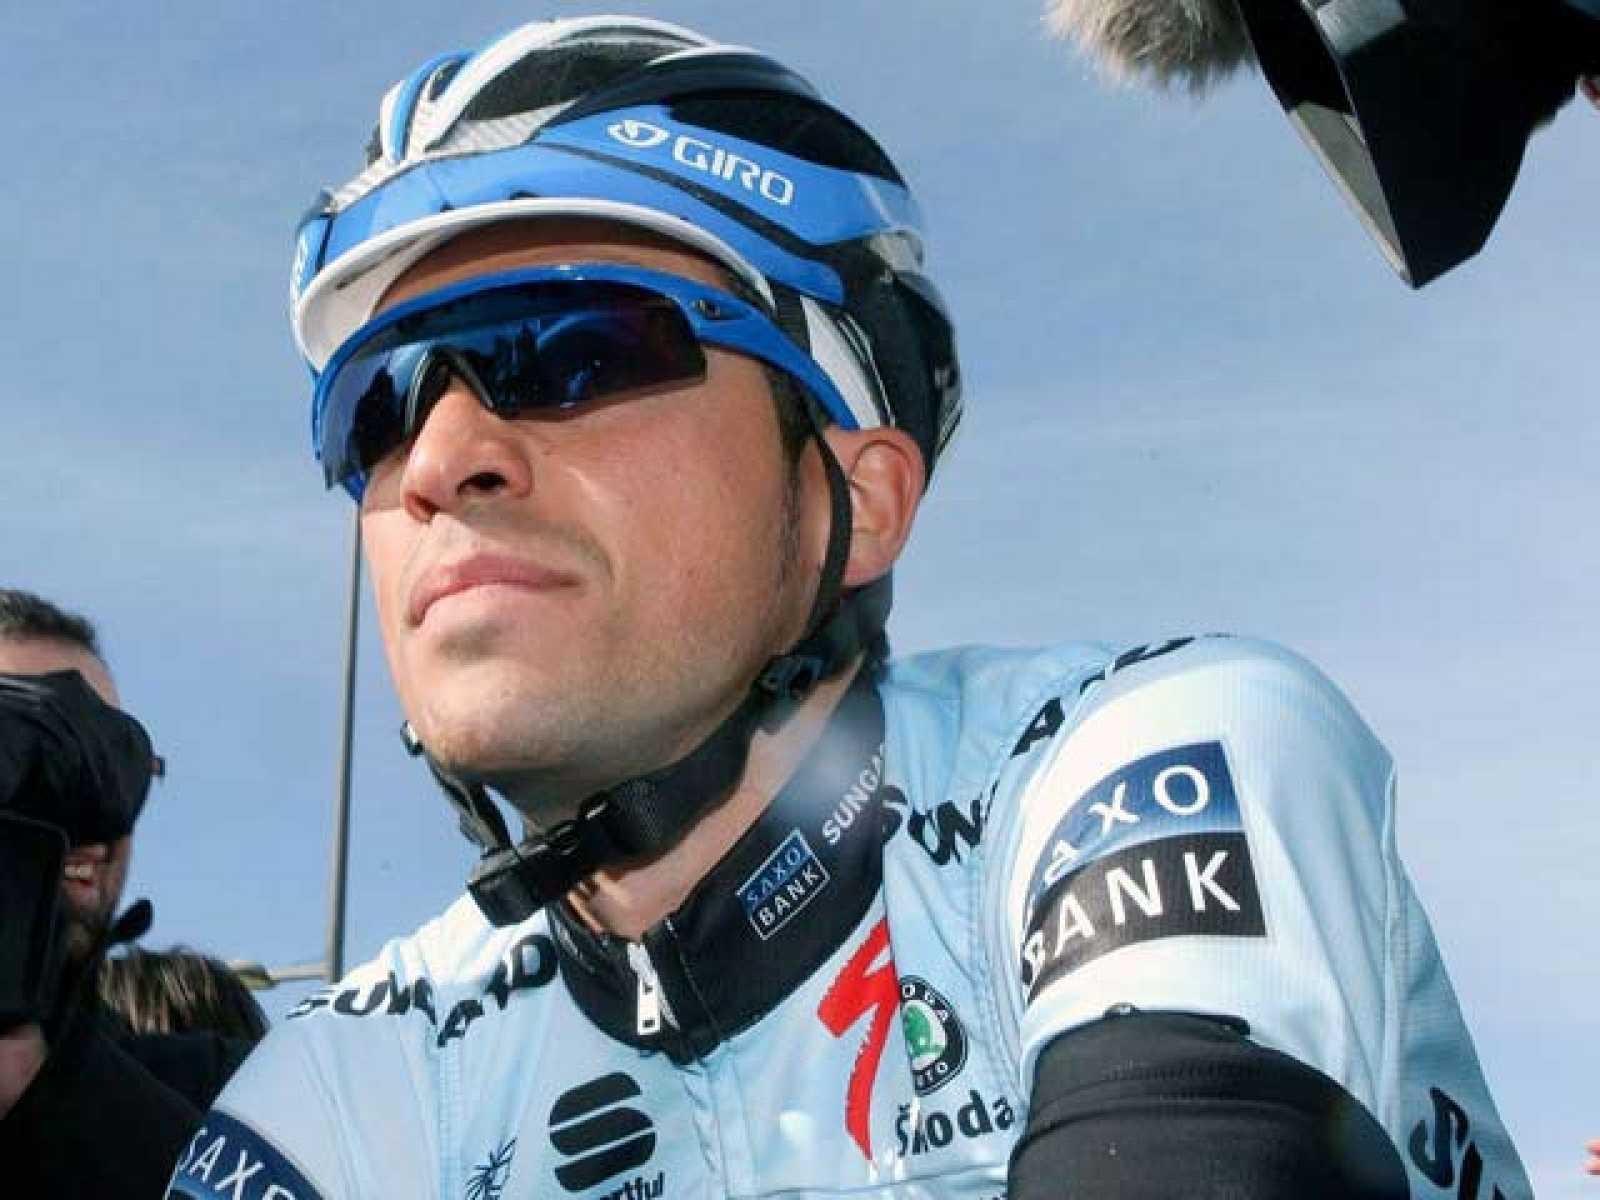 Después de la suspensión de seis meses, Alberto Contador ha vuelto a subirse a una bicicleta para competir en la Vuelta al Algarve.